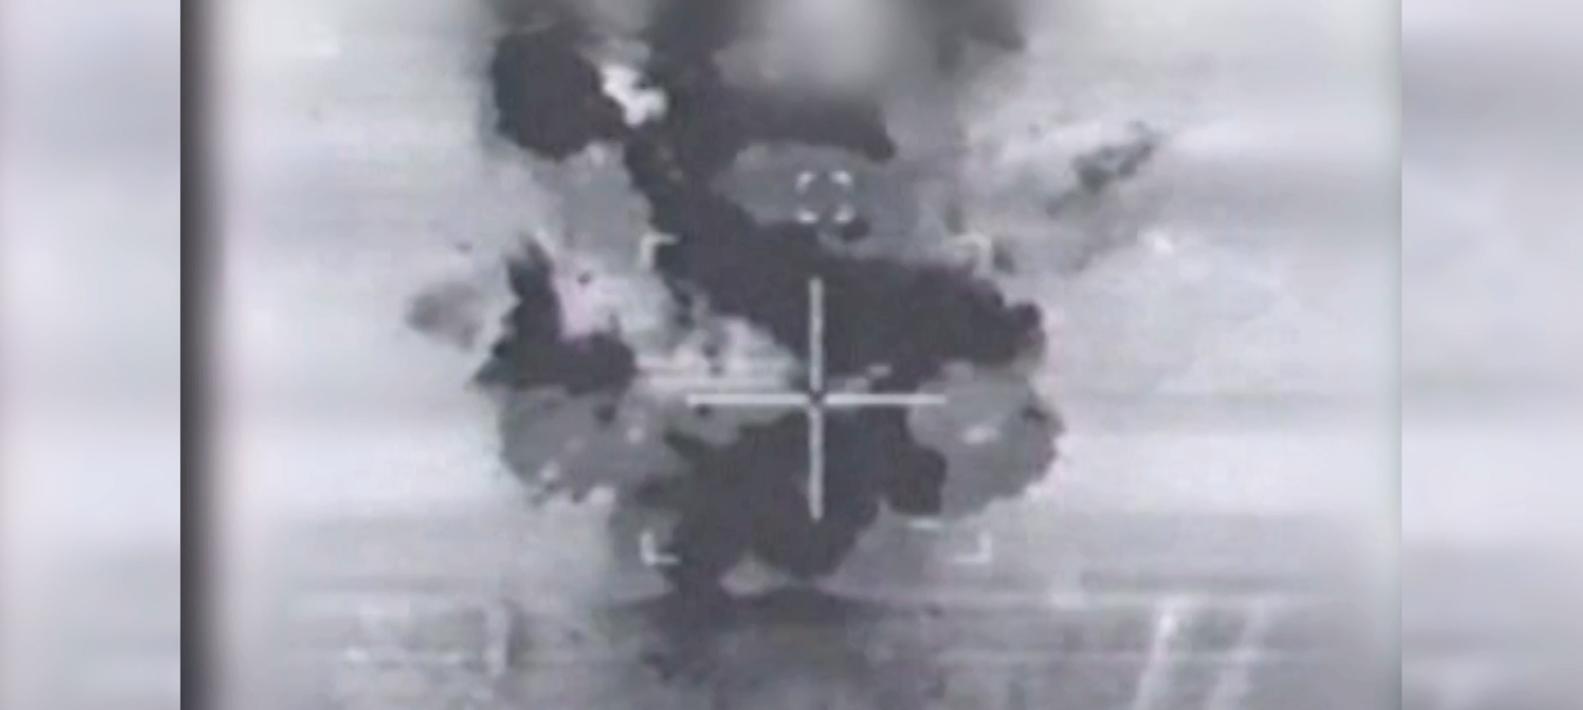 El ministro de Defensa de Israel lamenta haber revelado los detalles del ataque al reactor nuclear sirio